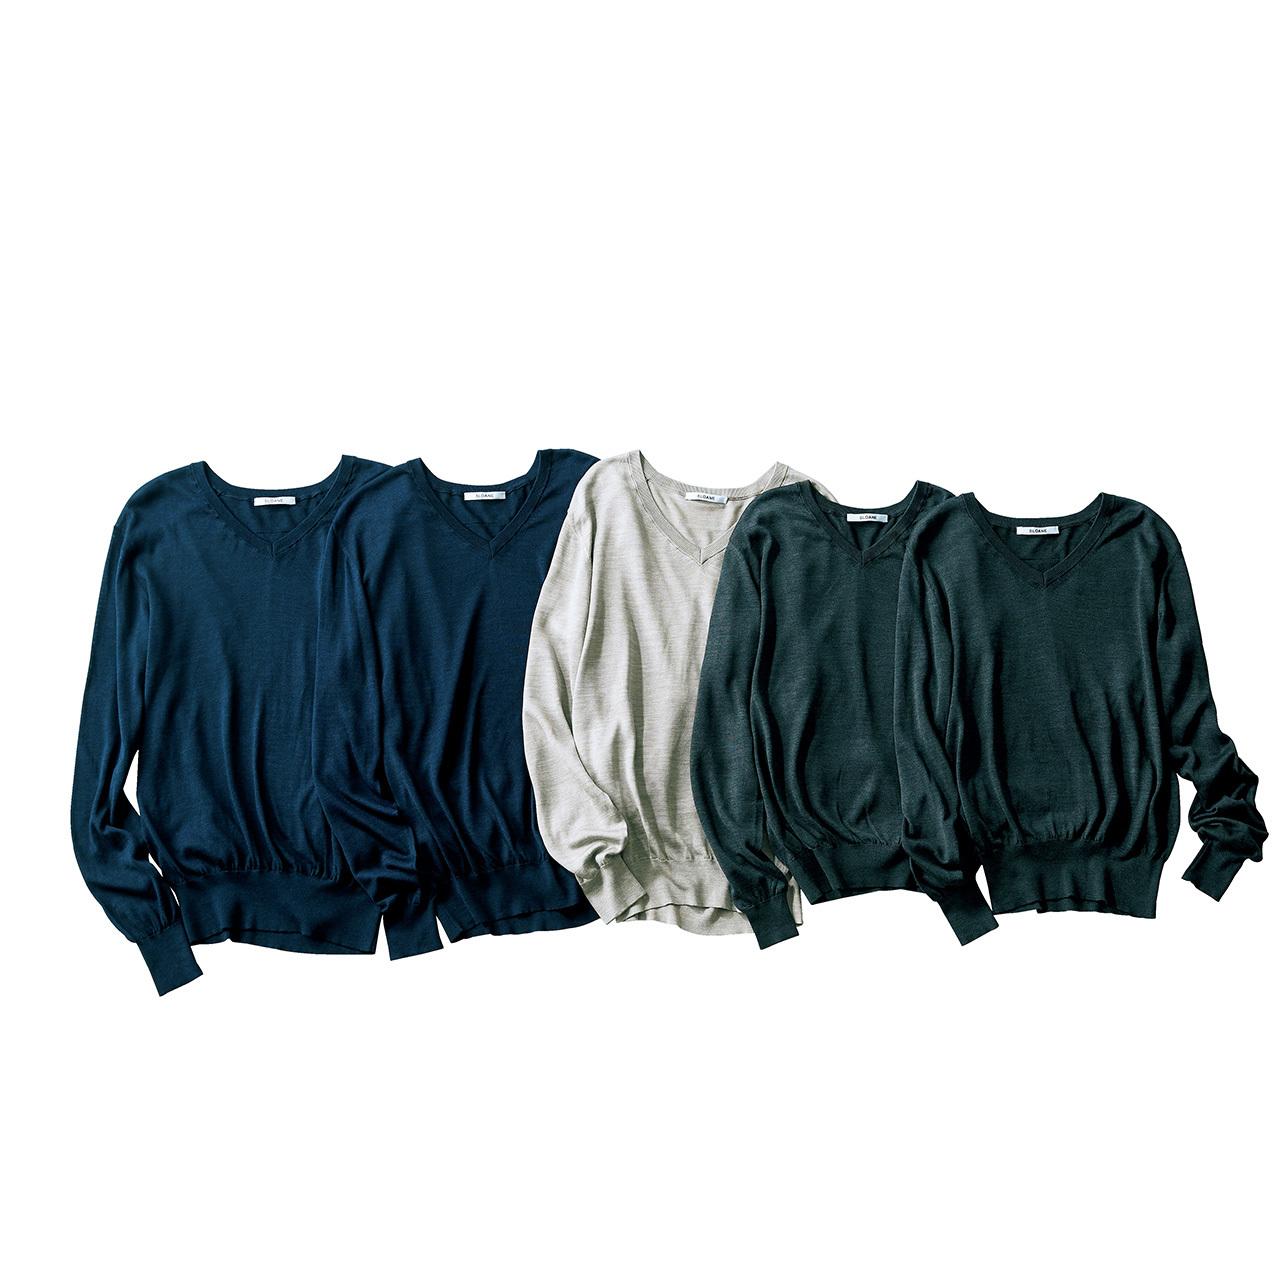 ねらうはワンサイズ上。「サイズ展開」にコンシャスなブランド 五選_1_1-1